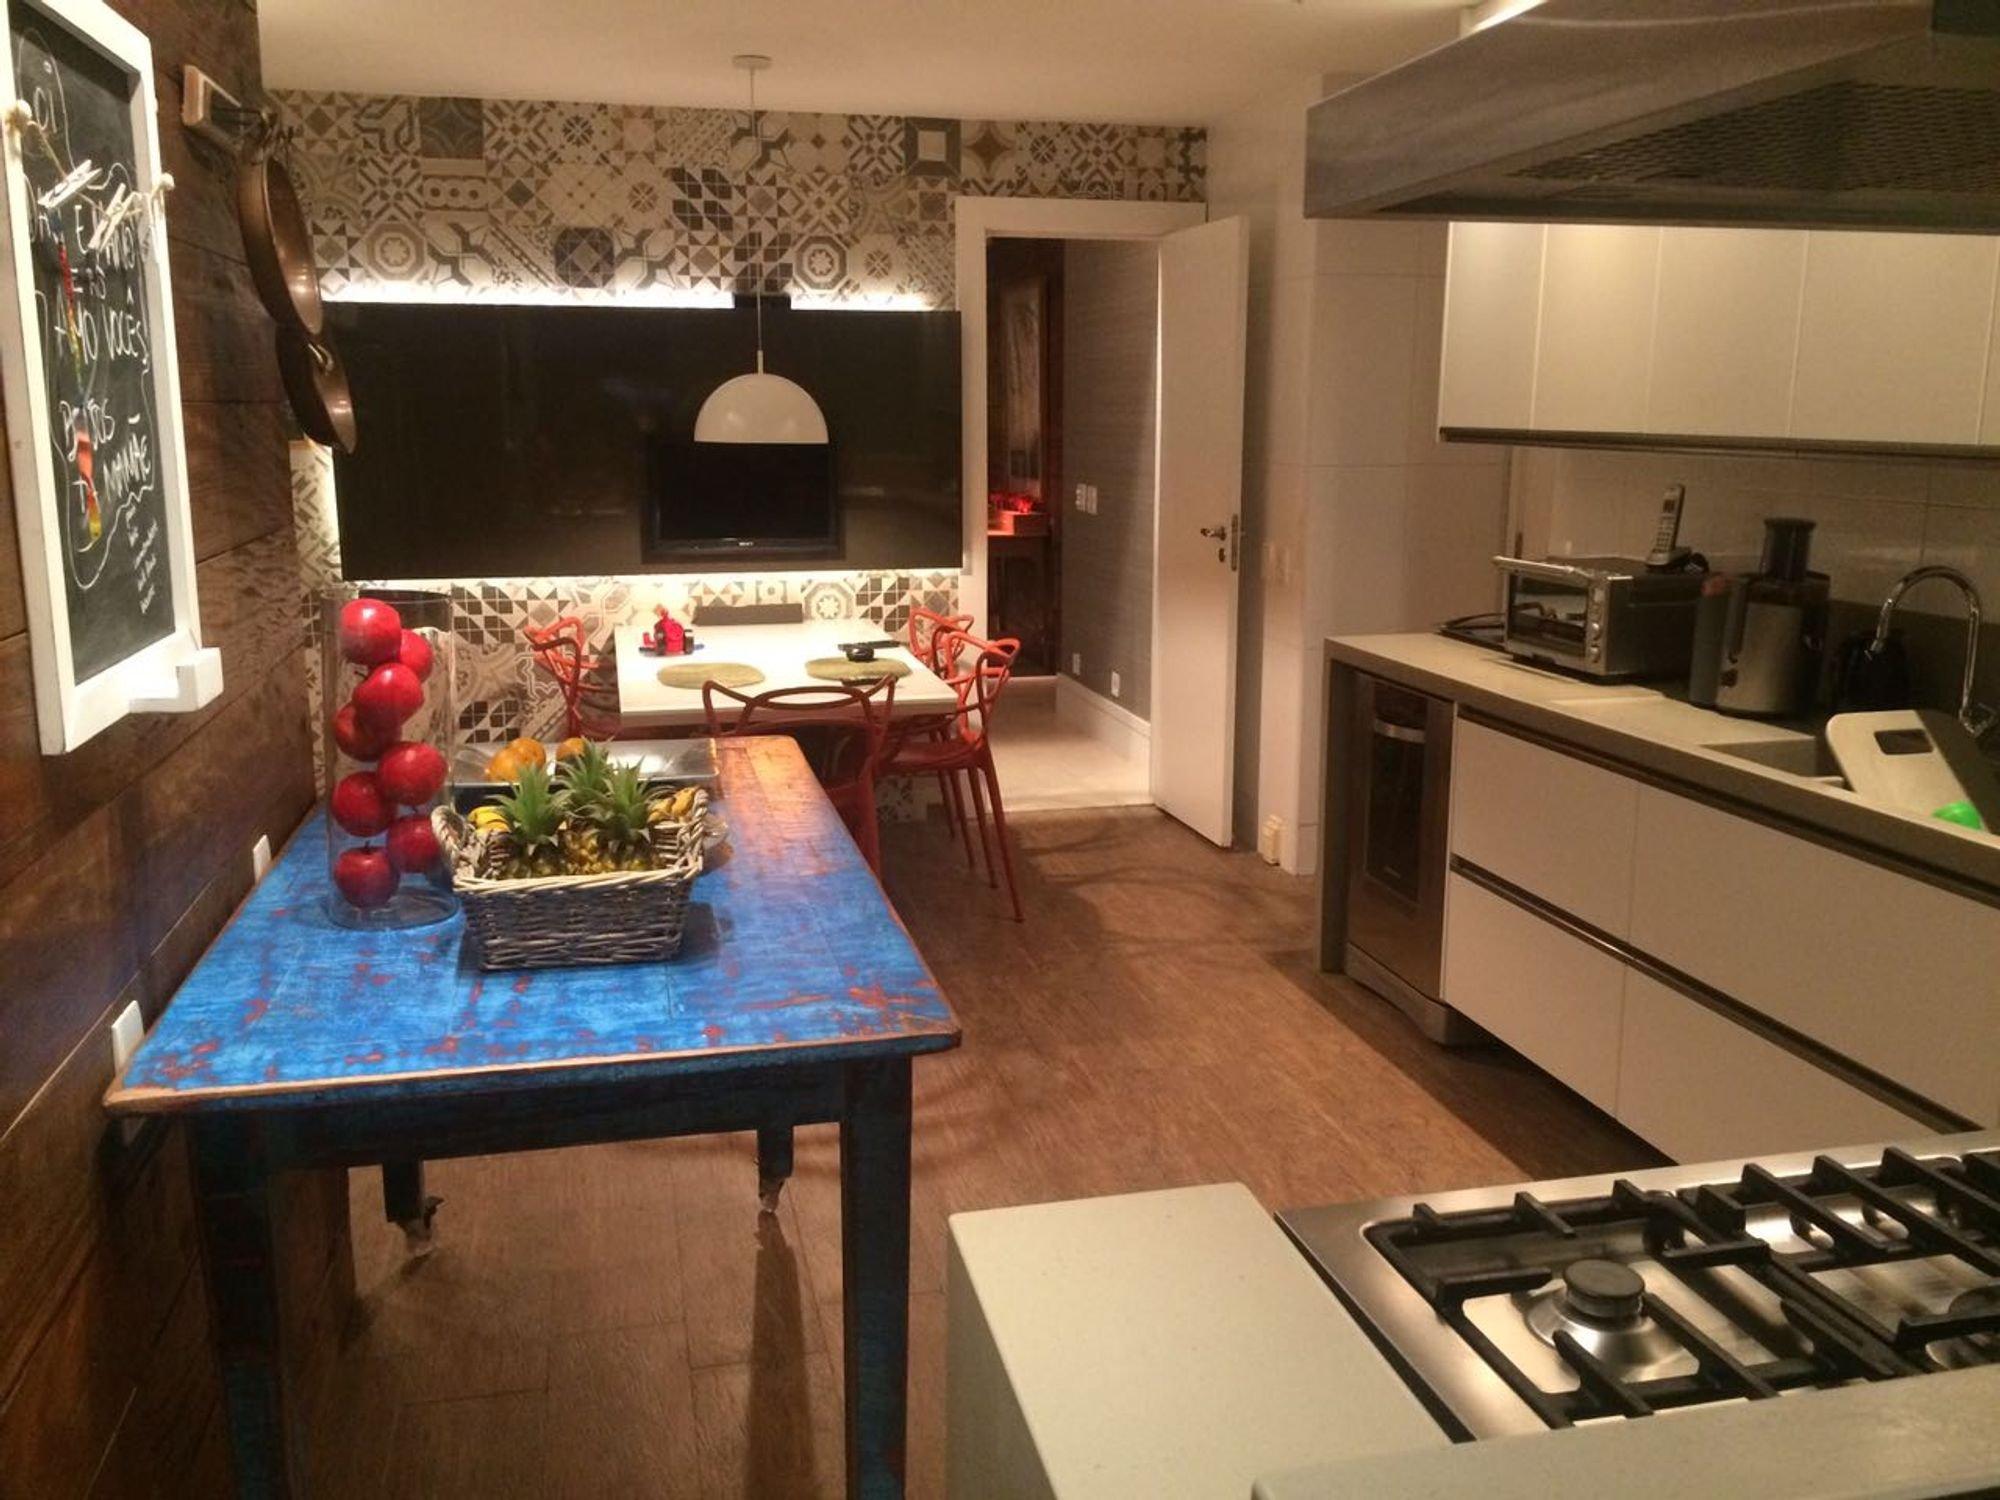 Foto de Cozinha com vaso de planta, maçã, forno, pia, cadeira, mesa de jantar